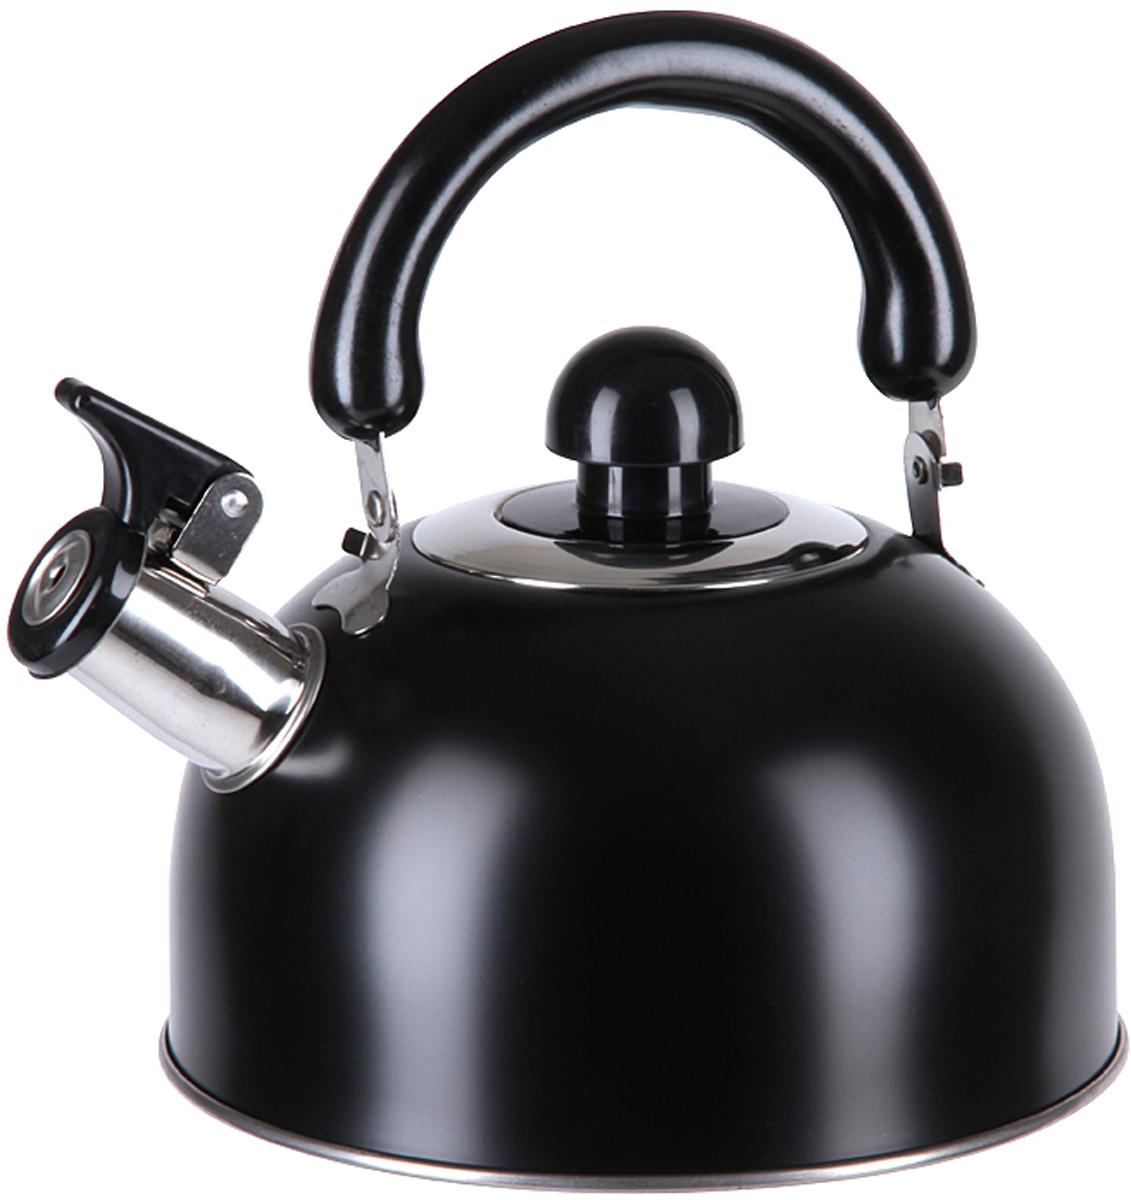 Чайник Pomi d'Oro PSS-650011-XL, со свистком, 3,5 л. 77.858@26764 часы pomi doro t5012 k